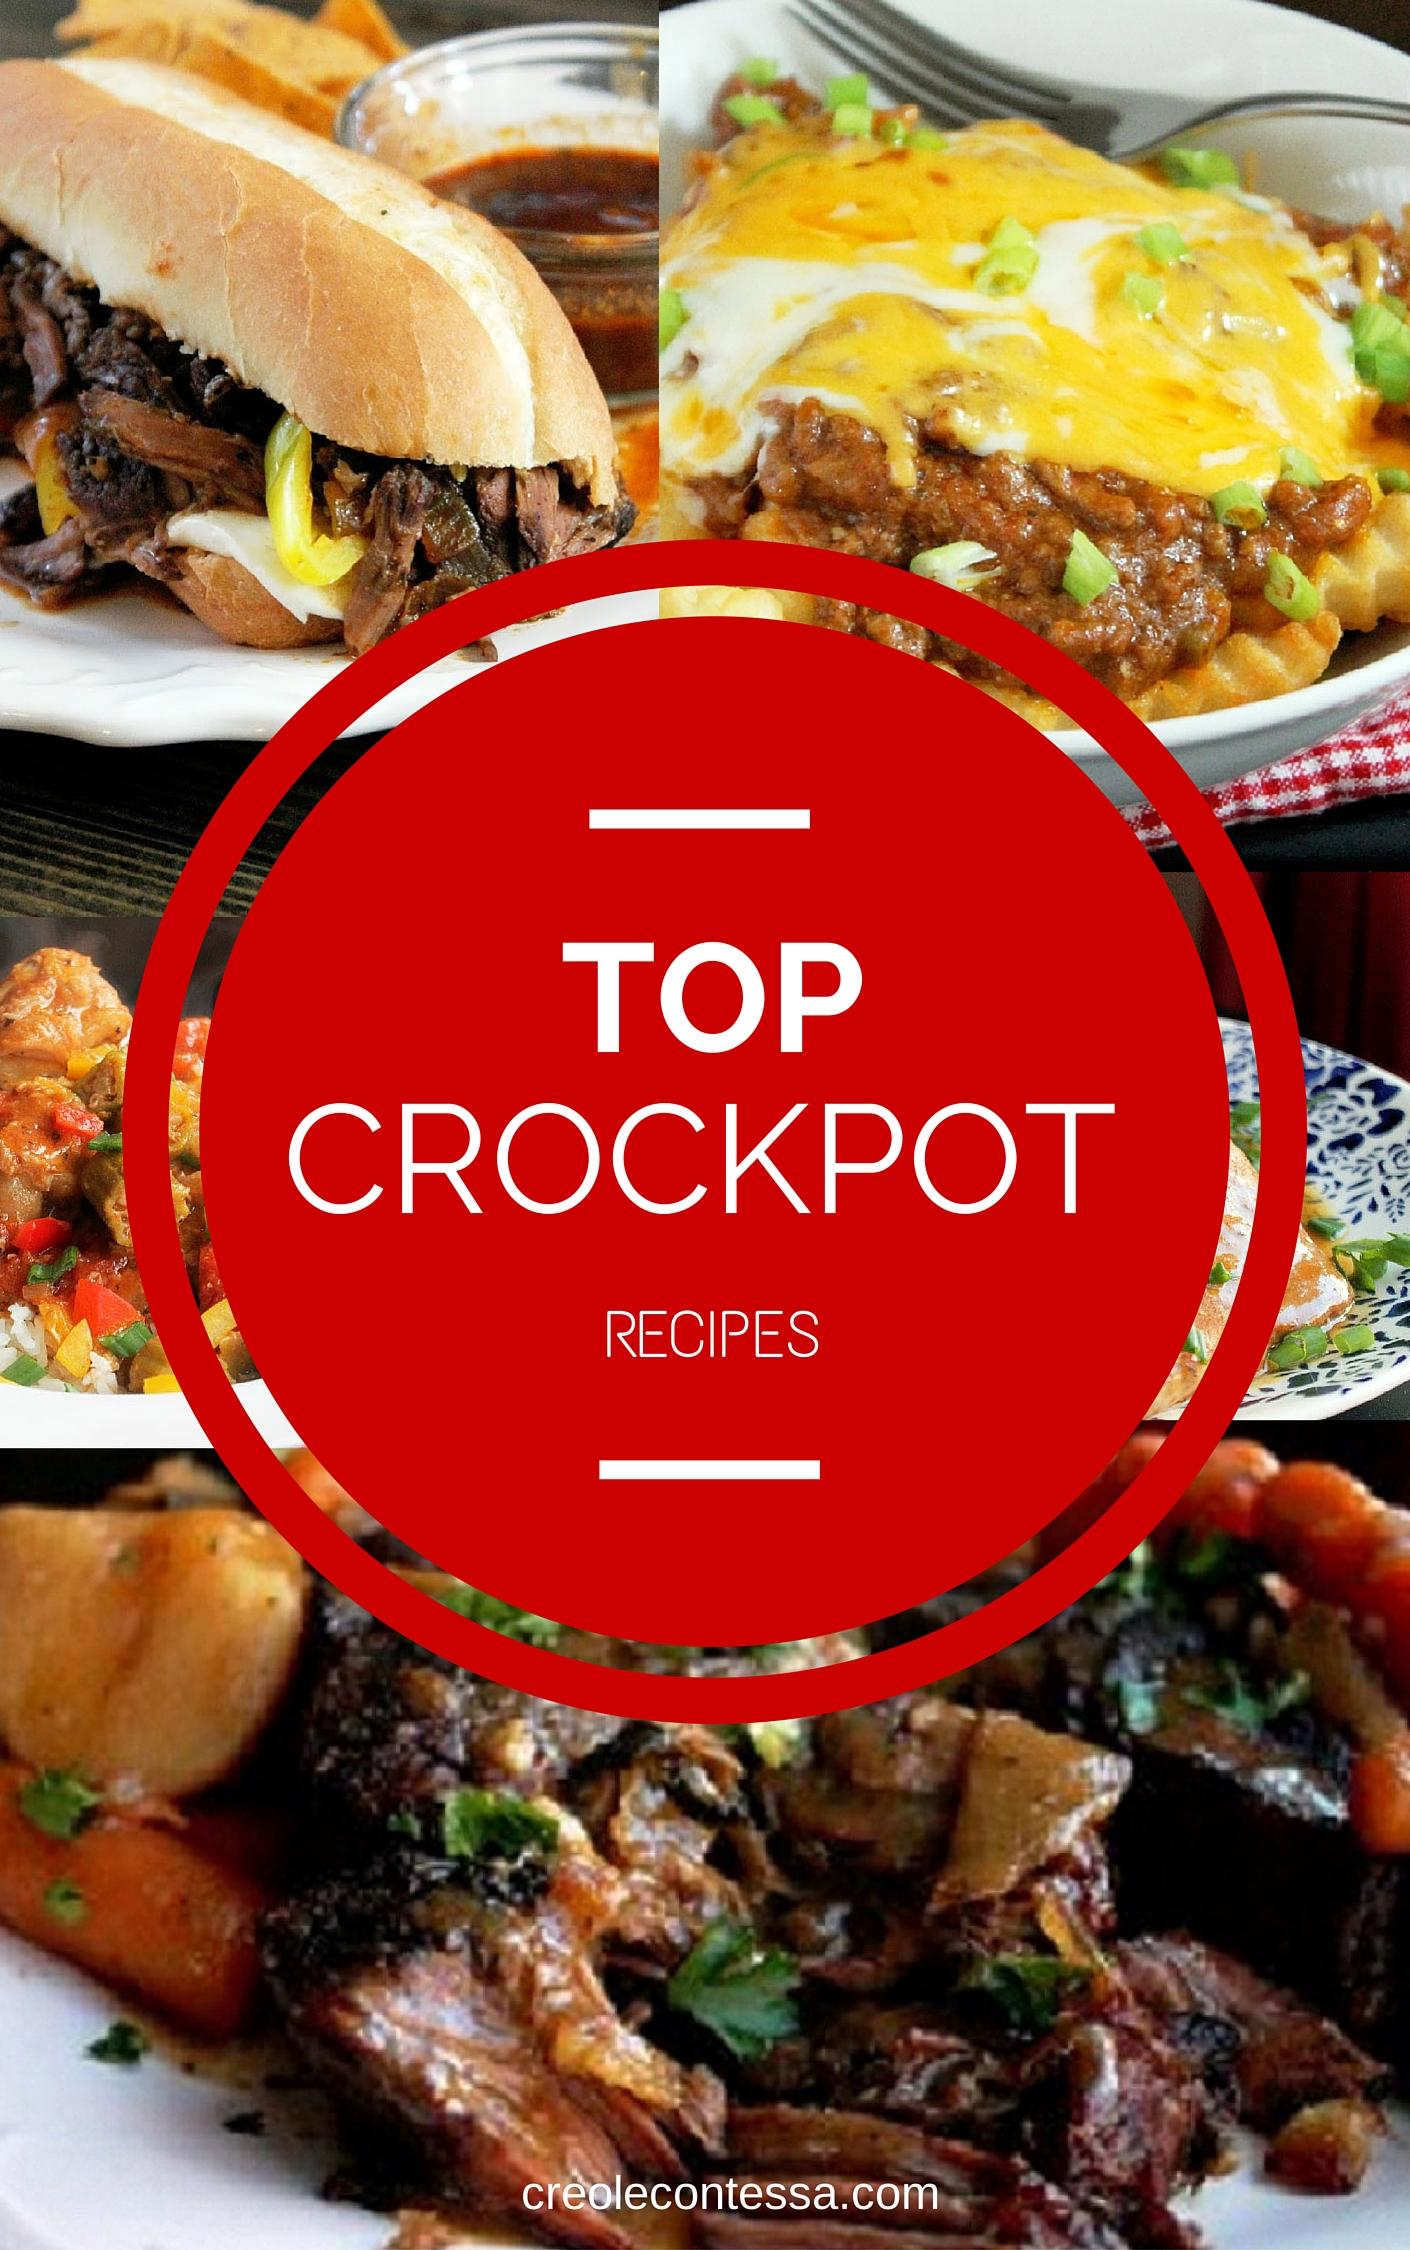 Top Crock Pot Recipes-Creole Contessa